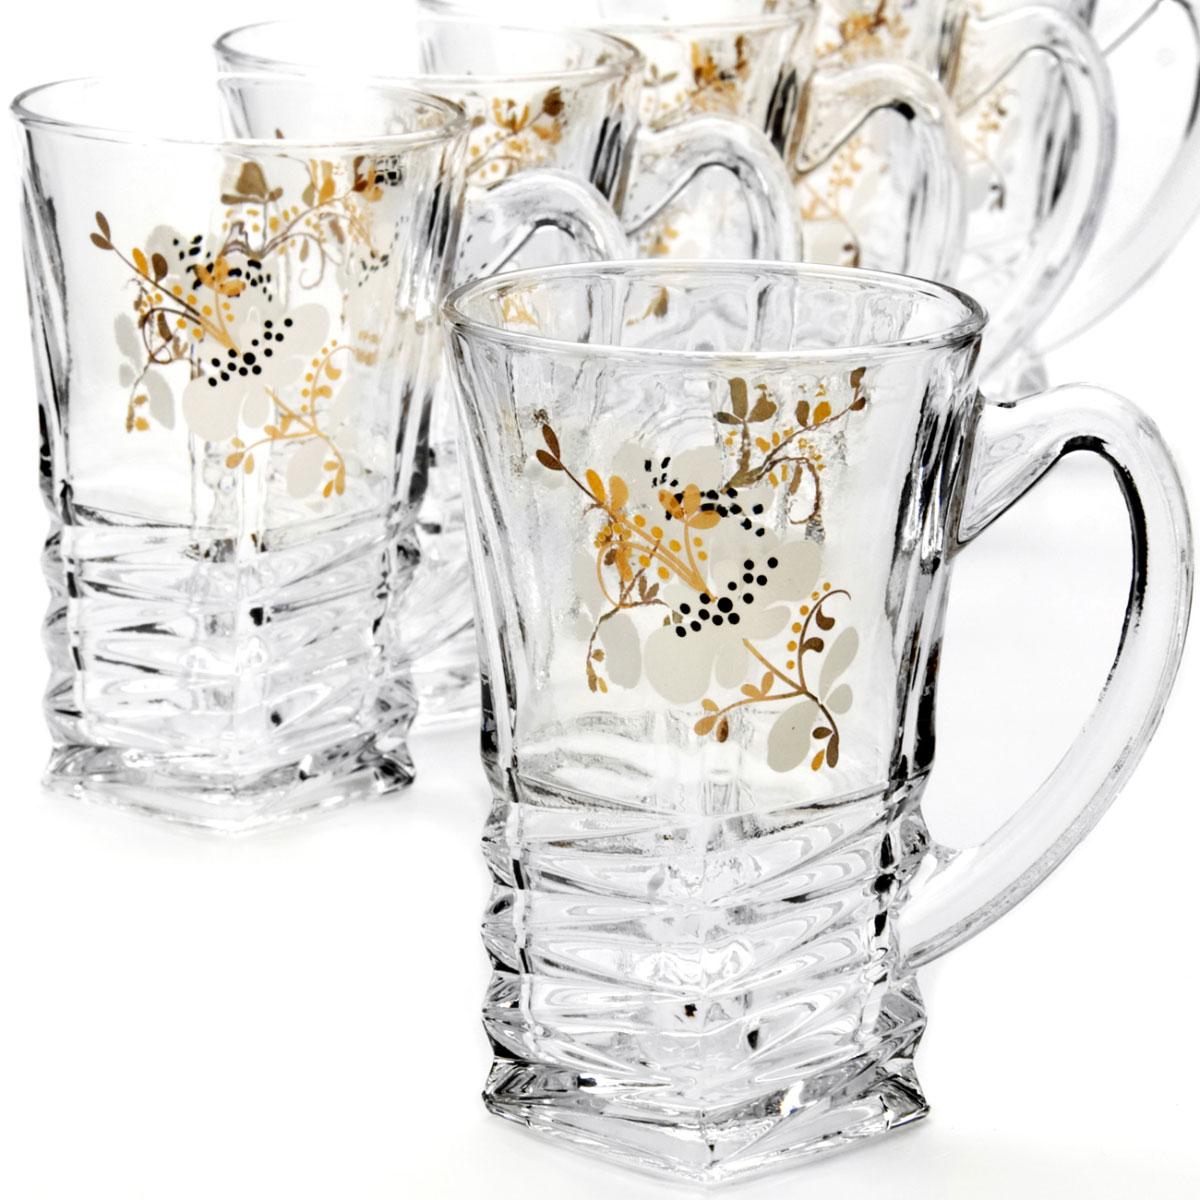 Набор стаканов Mayer & Boch, 195 мл, 6 шт24083Набор, состоящий из шести стаканов, несомненно, придется вам по душе. Стаканы выполнены из высококачественного стекла в мягких тонах с оригинальным цветочным узором. Благодаря такому набору пить напитки будет еще вкуснее. Набор стаканов Loraine станет также отличным подарком на любой праздник. Подходит для горячих и холодных напитков.